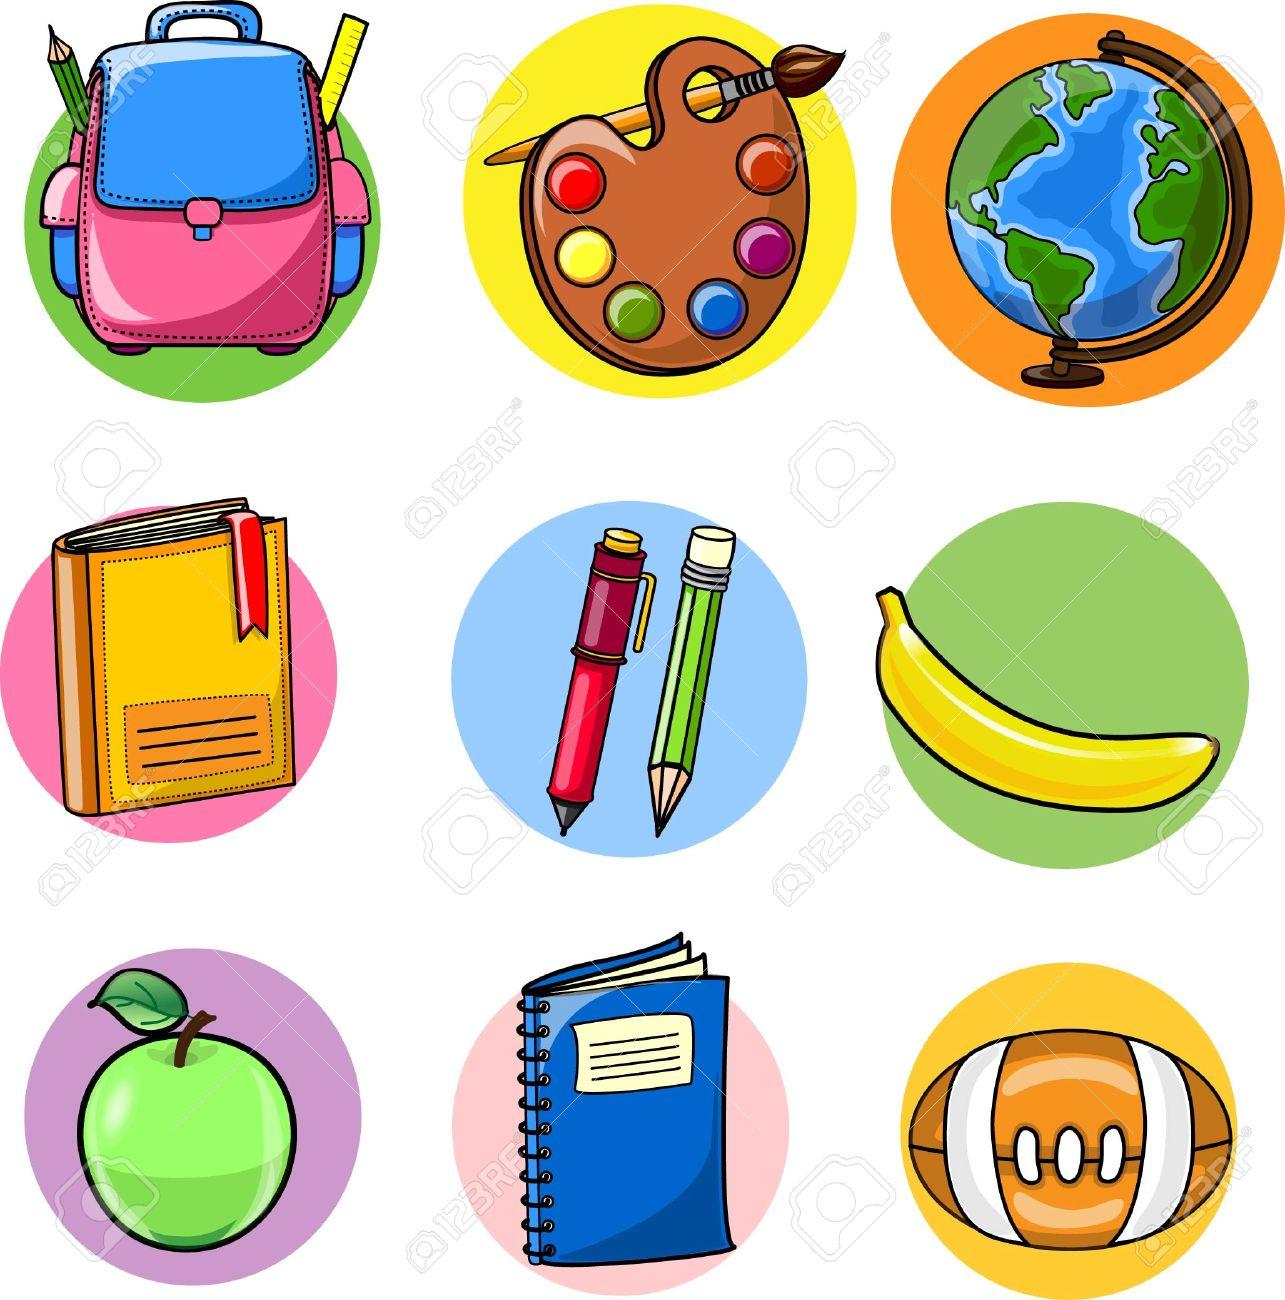 Back to school, school supplies Stock Vector - 18708741